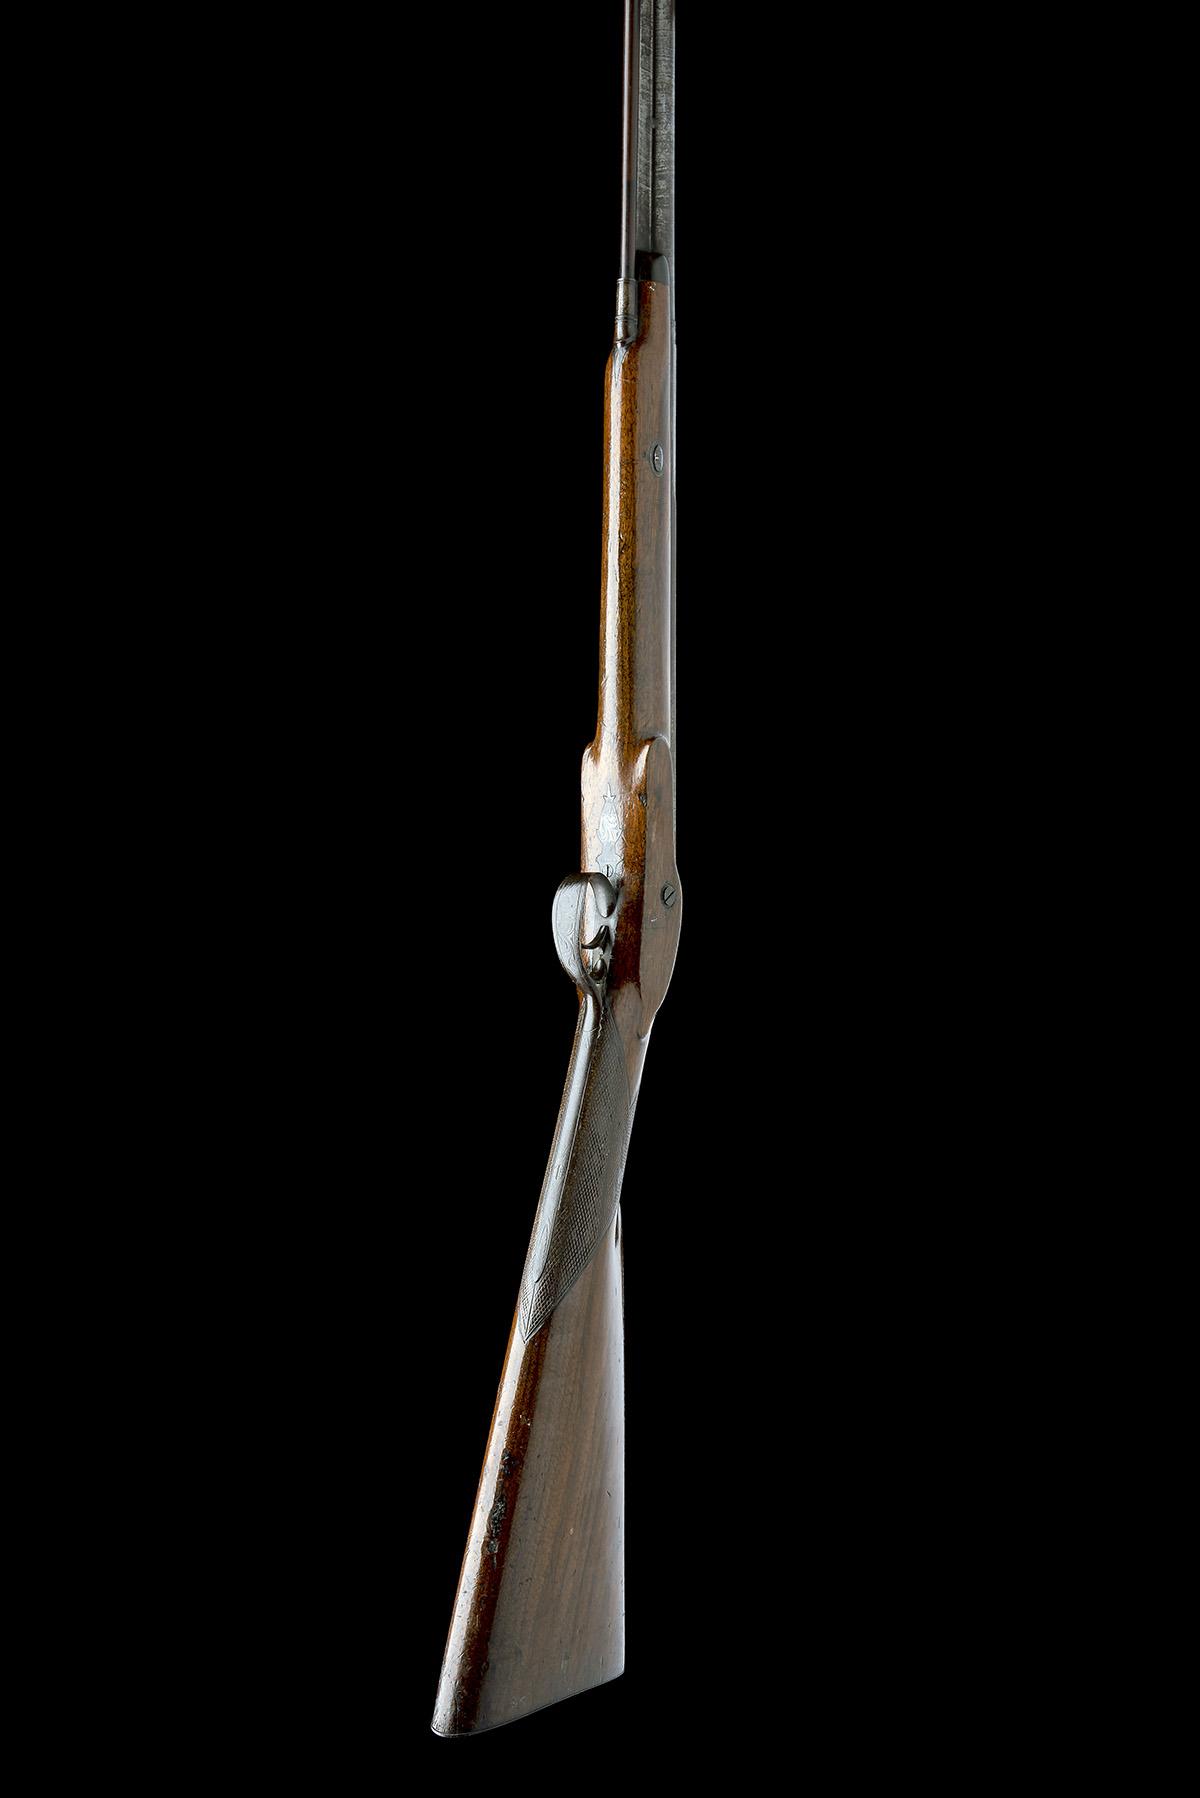 W. DAVISON, NEWCASTLE A 14-BORE PERCUSSION SINGLE-BARRELLED SPORTING-GUN, no visible serial - Image 3 of 10